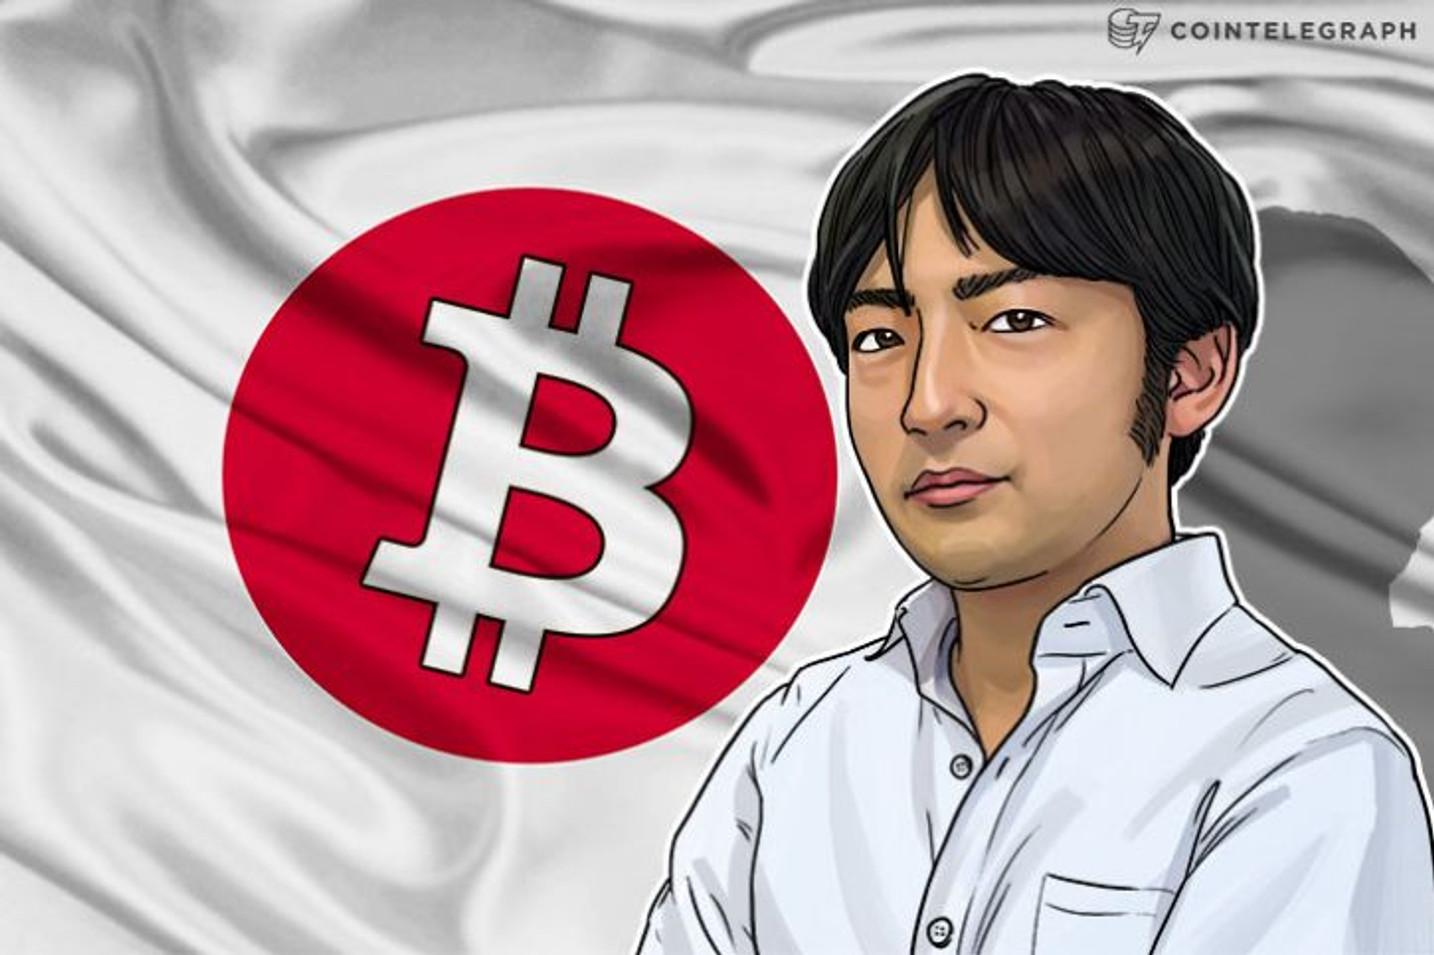 レギュレーションの改善に従い、日本におけるビットコイン取引量が爆発的に増加―価格高騰の鍵は日本にある?